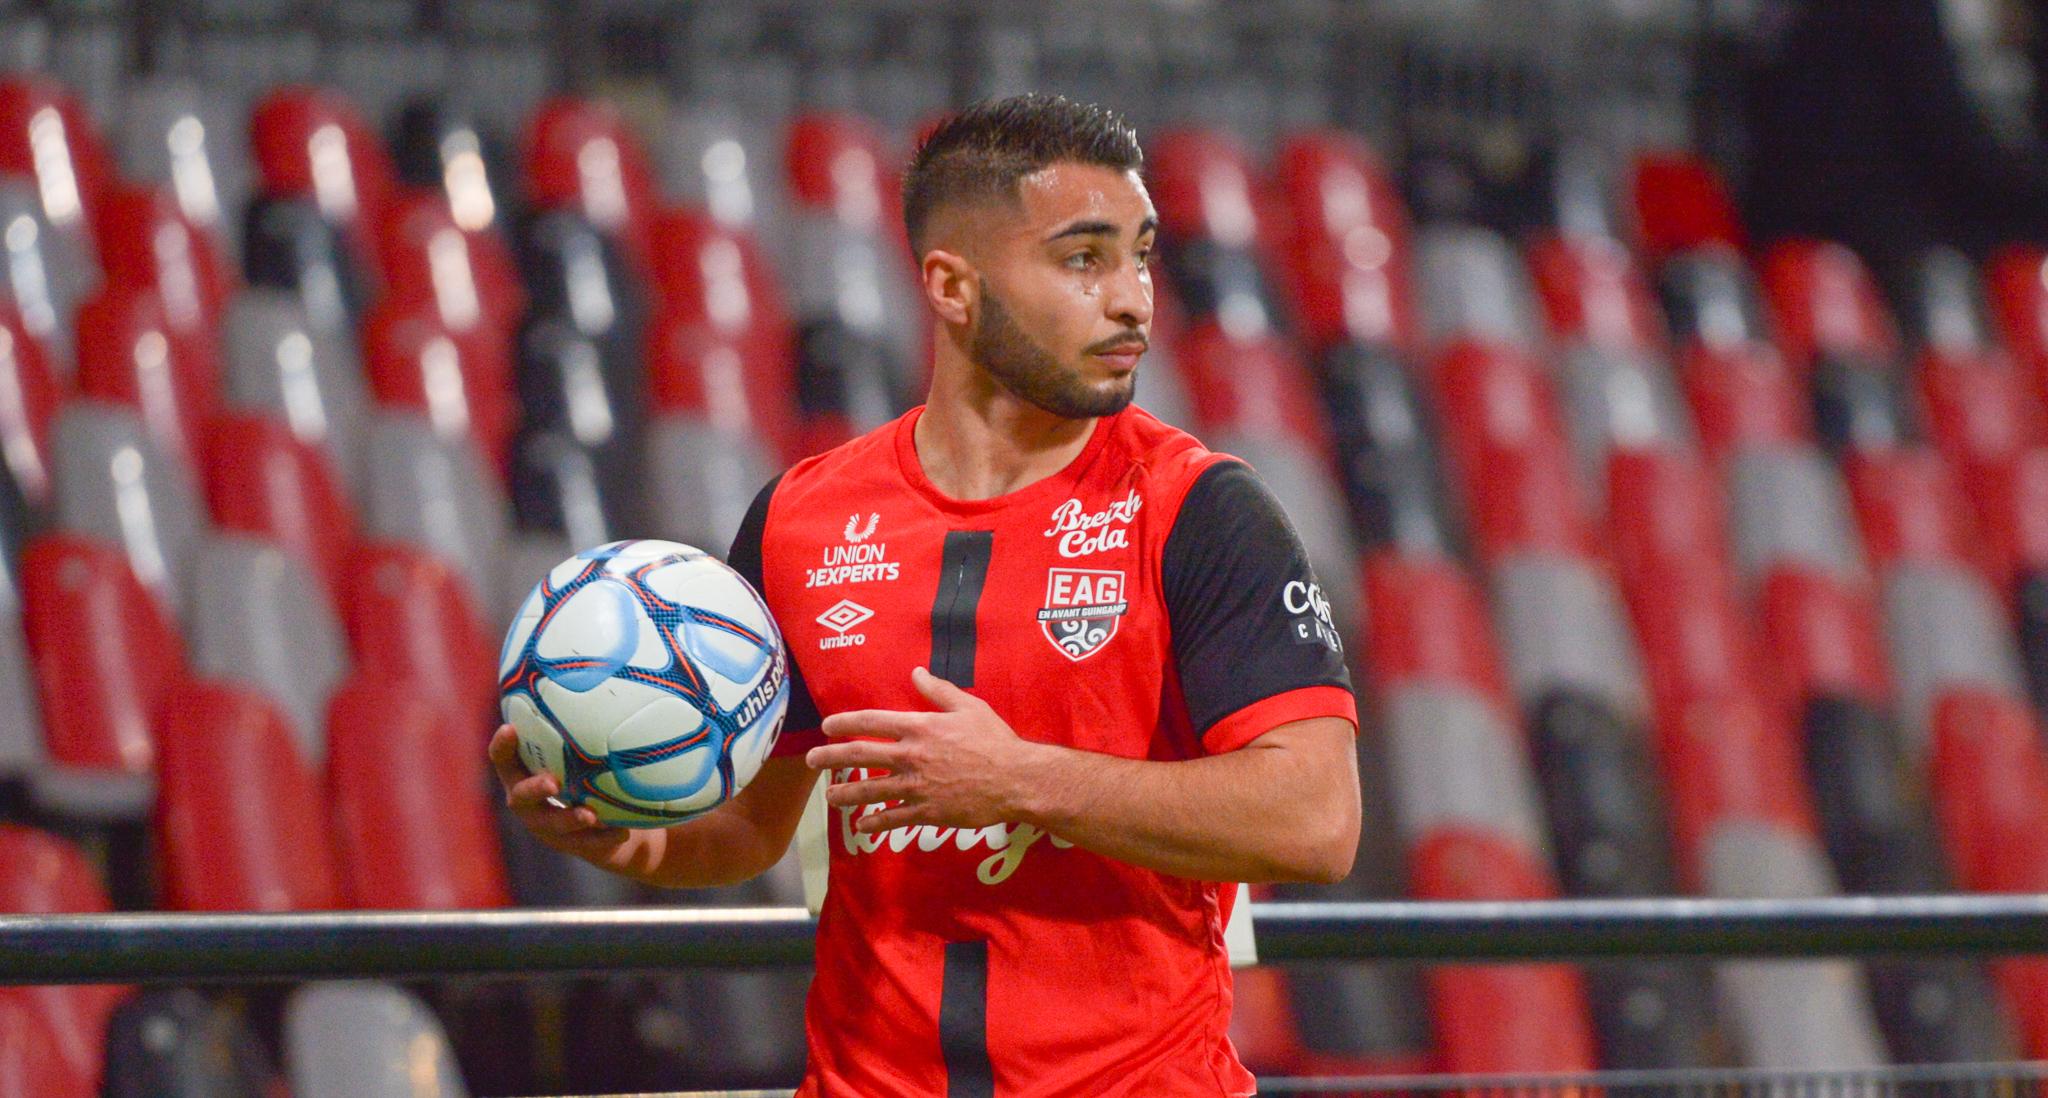 11 EA Guingamp SM Caen 2-2 Ligue 2 BKT Journée 26 2020-21 22 02 2021 EAGSMC